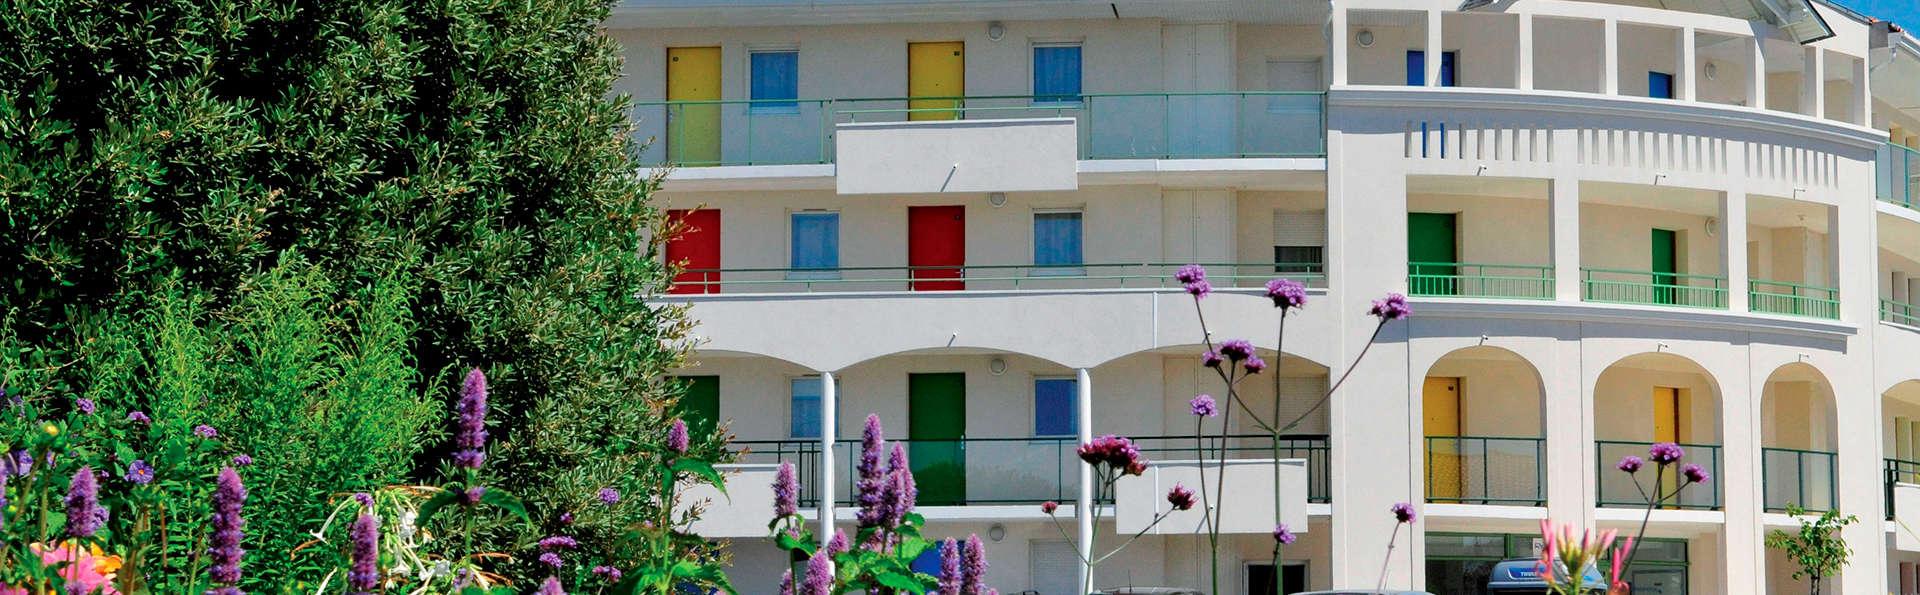 Vacancéole - Résidence Les Jardins de l'Amirauté - EDIT_Les-Sables-d_Olonne_ext_-_rieur.jpg